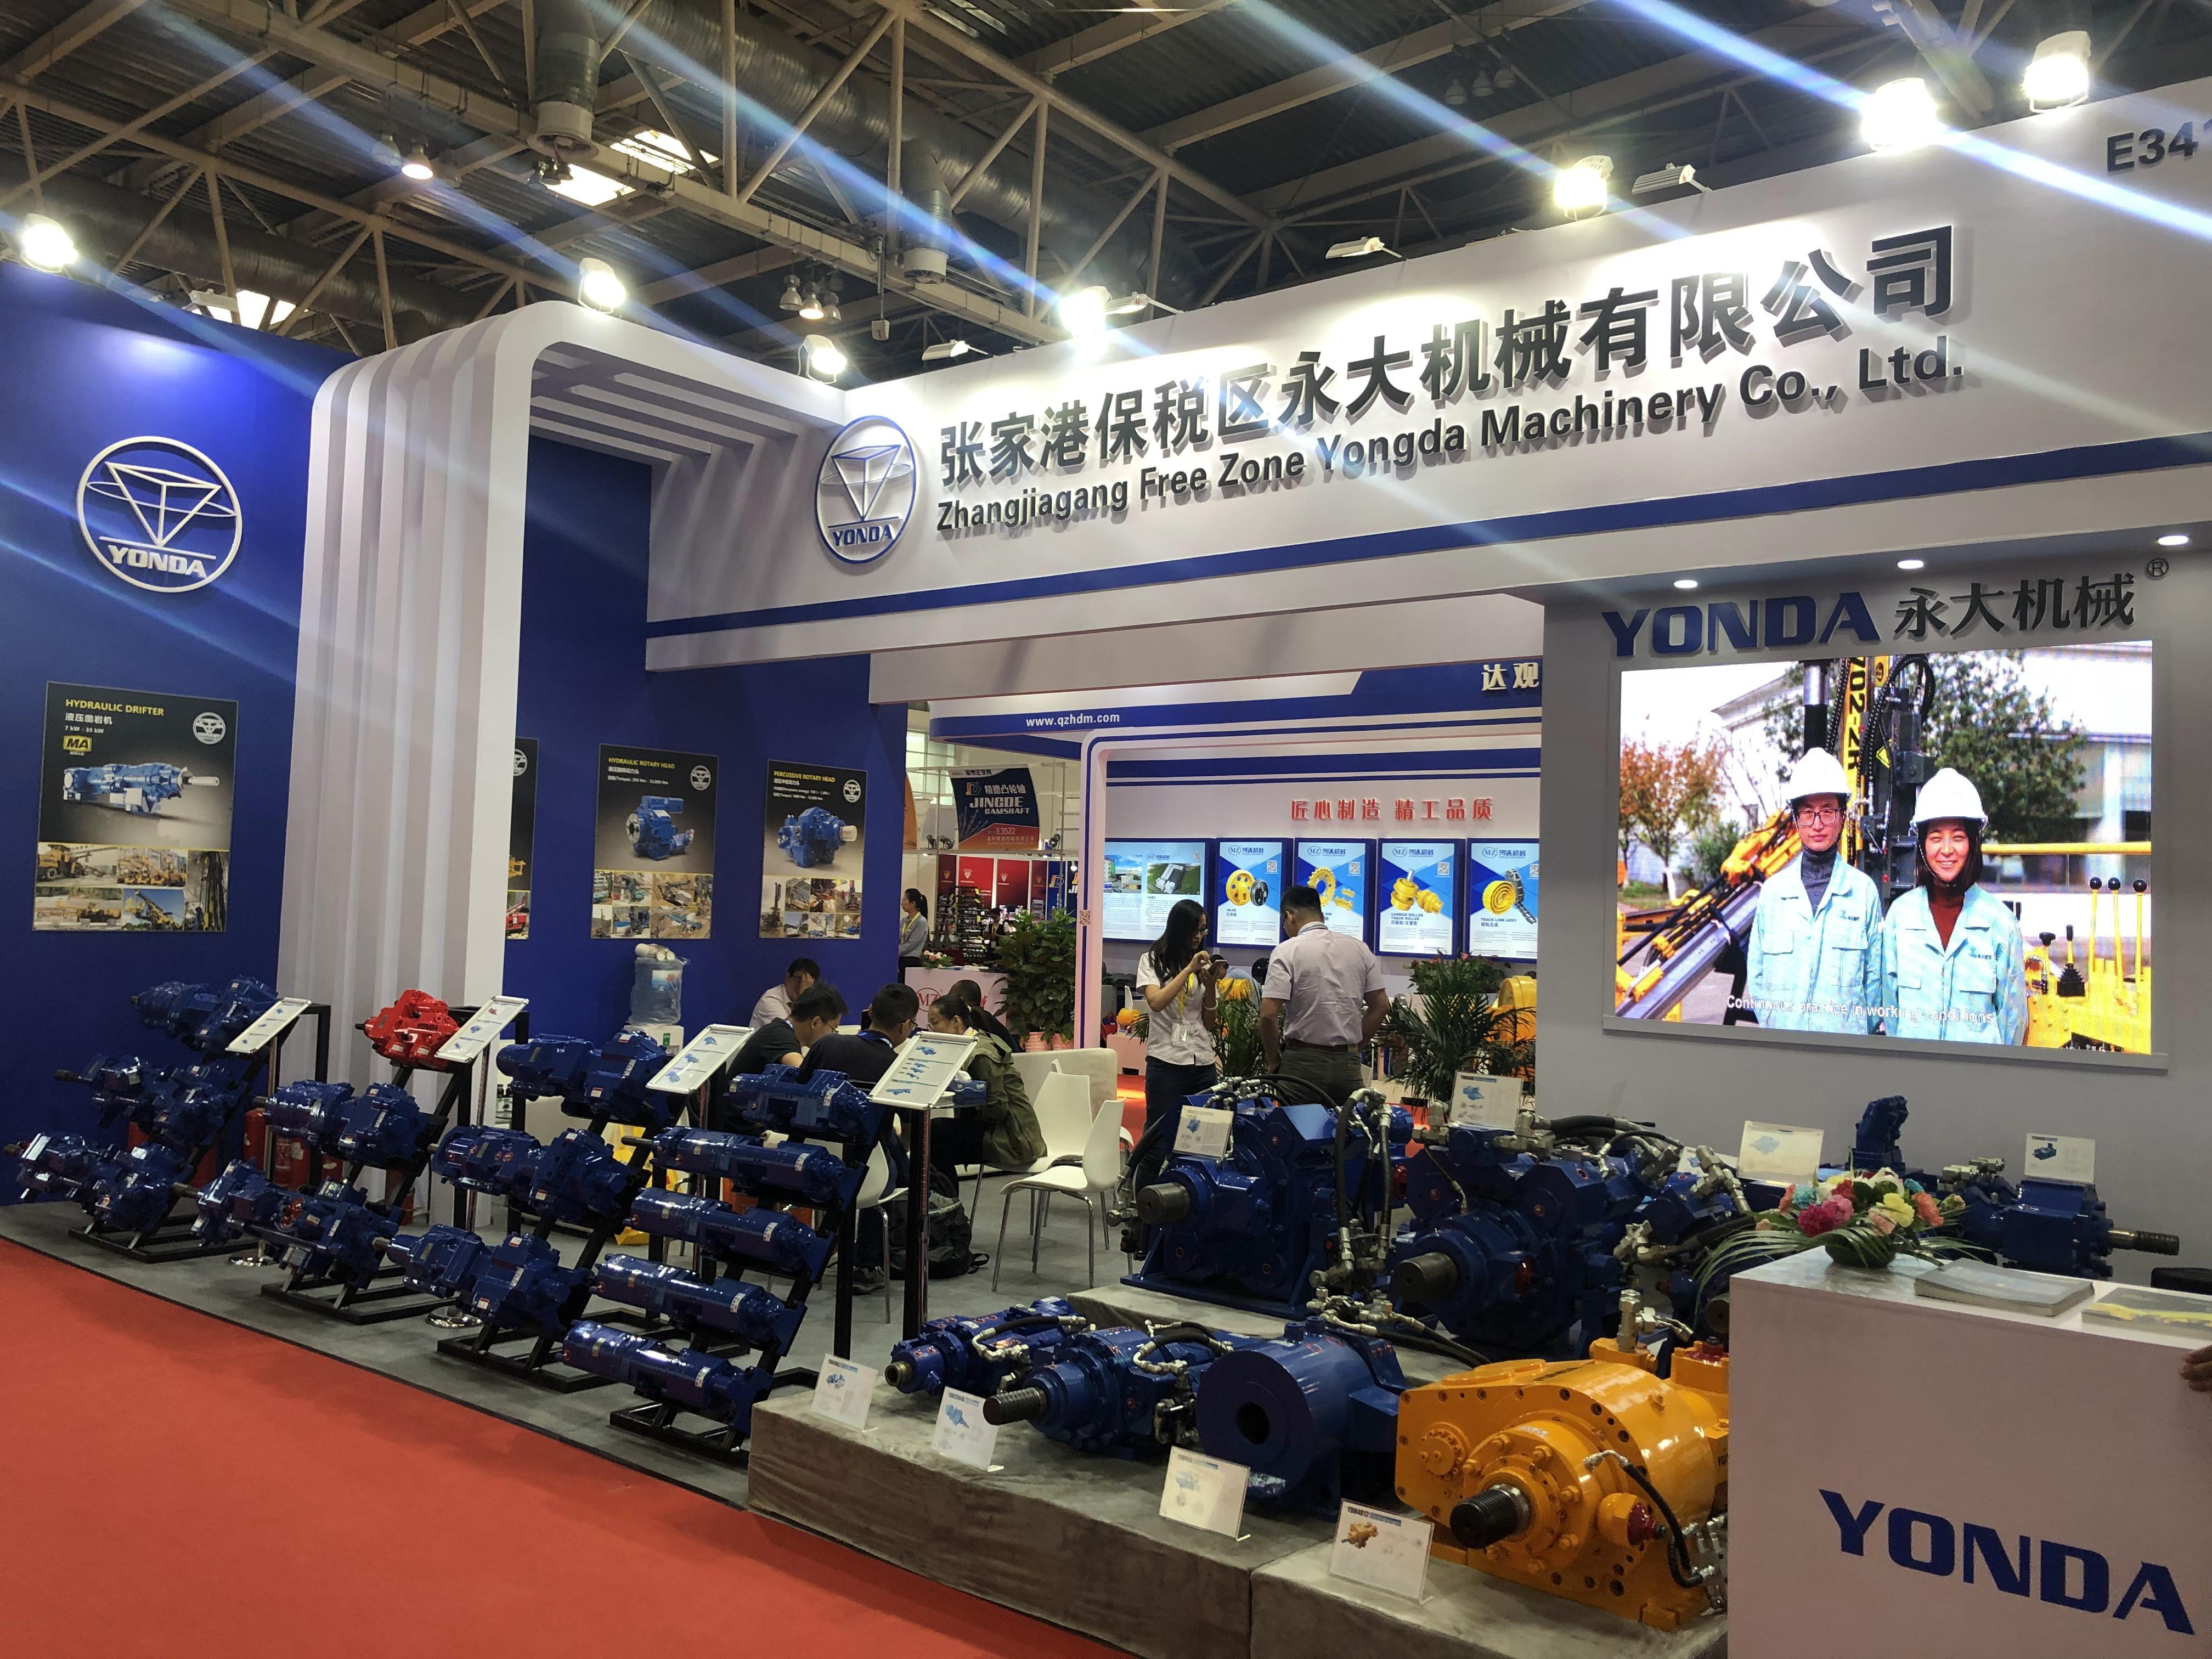 第15届BICES2019北京展展位风采:张家港保税区永大机械有限公司